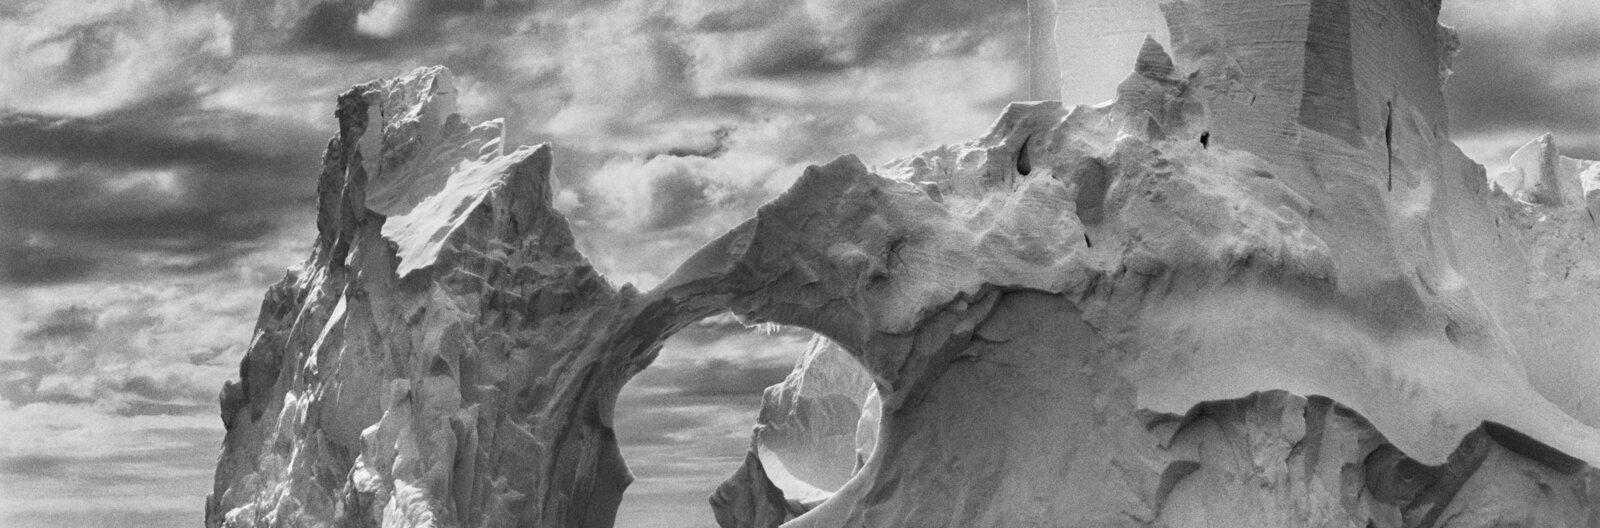 Sebastião Salgados Budapest exhibit shows our planet